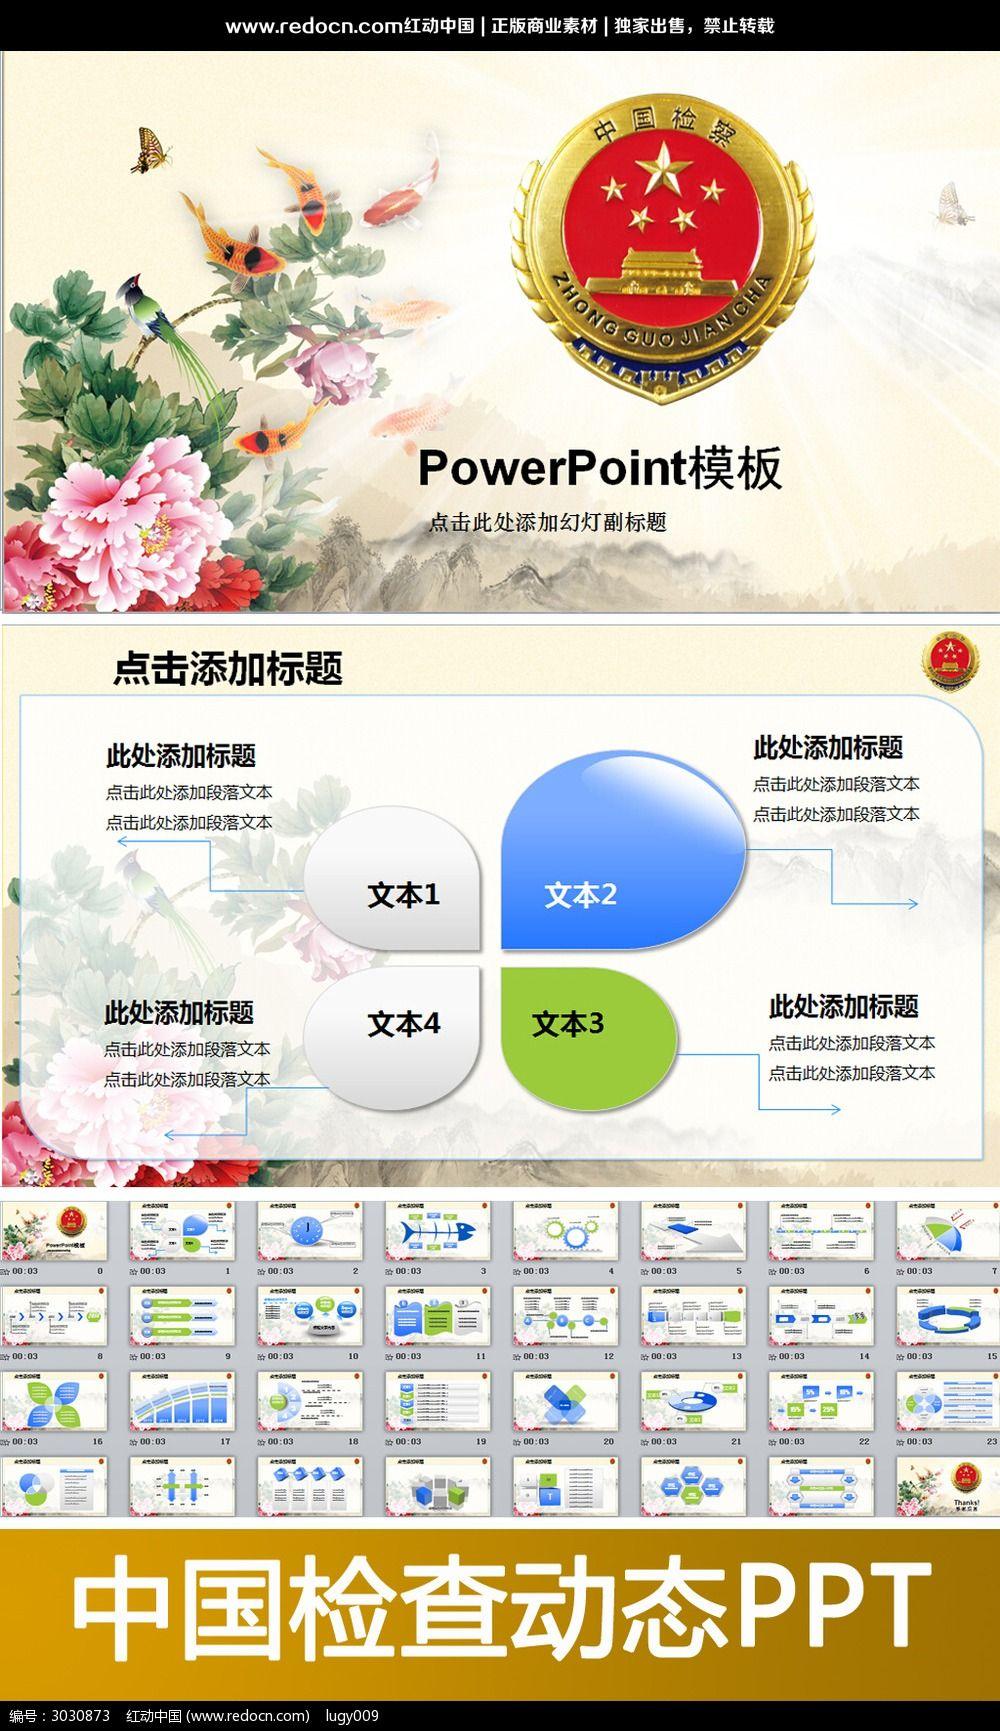 中国司法ppt背景模板下载